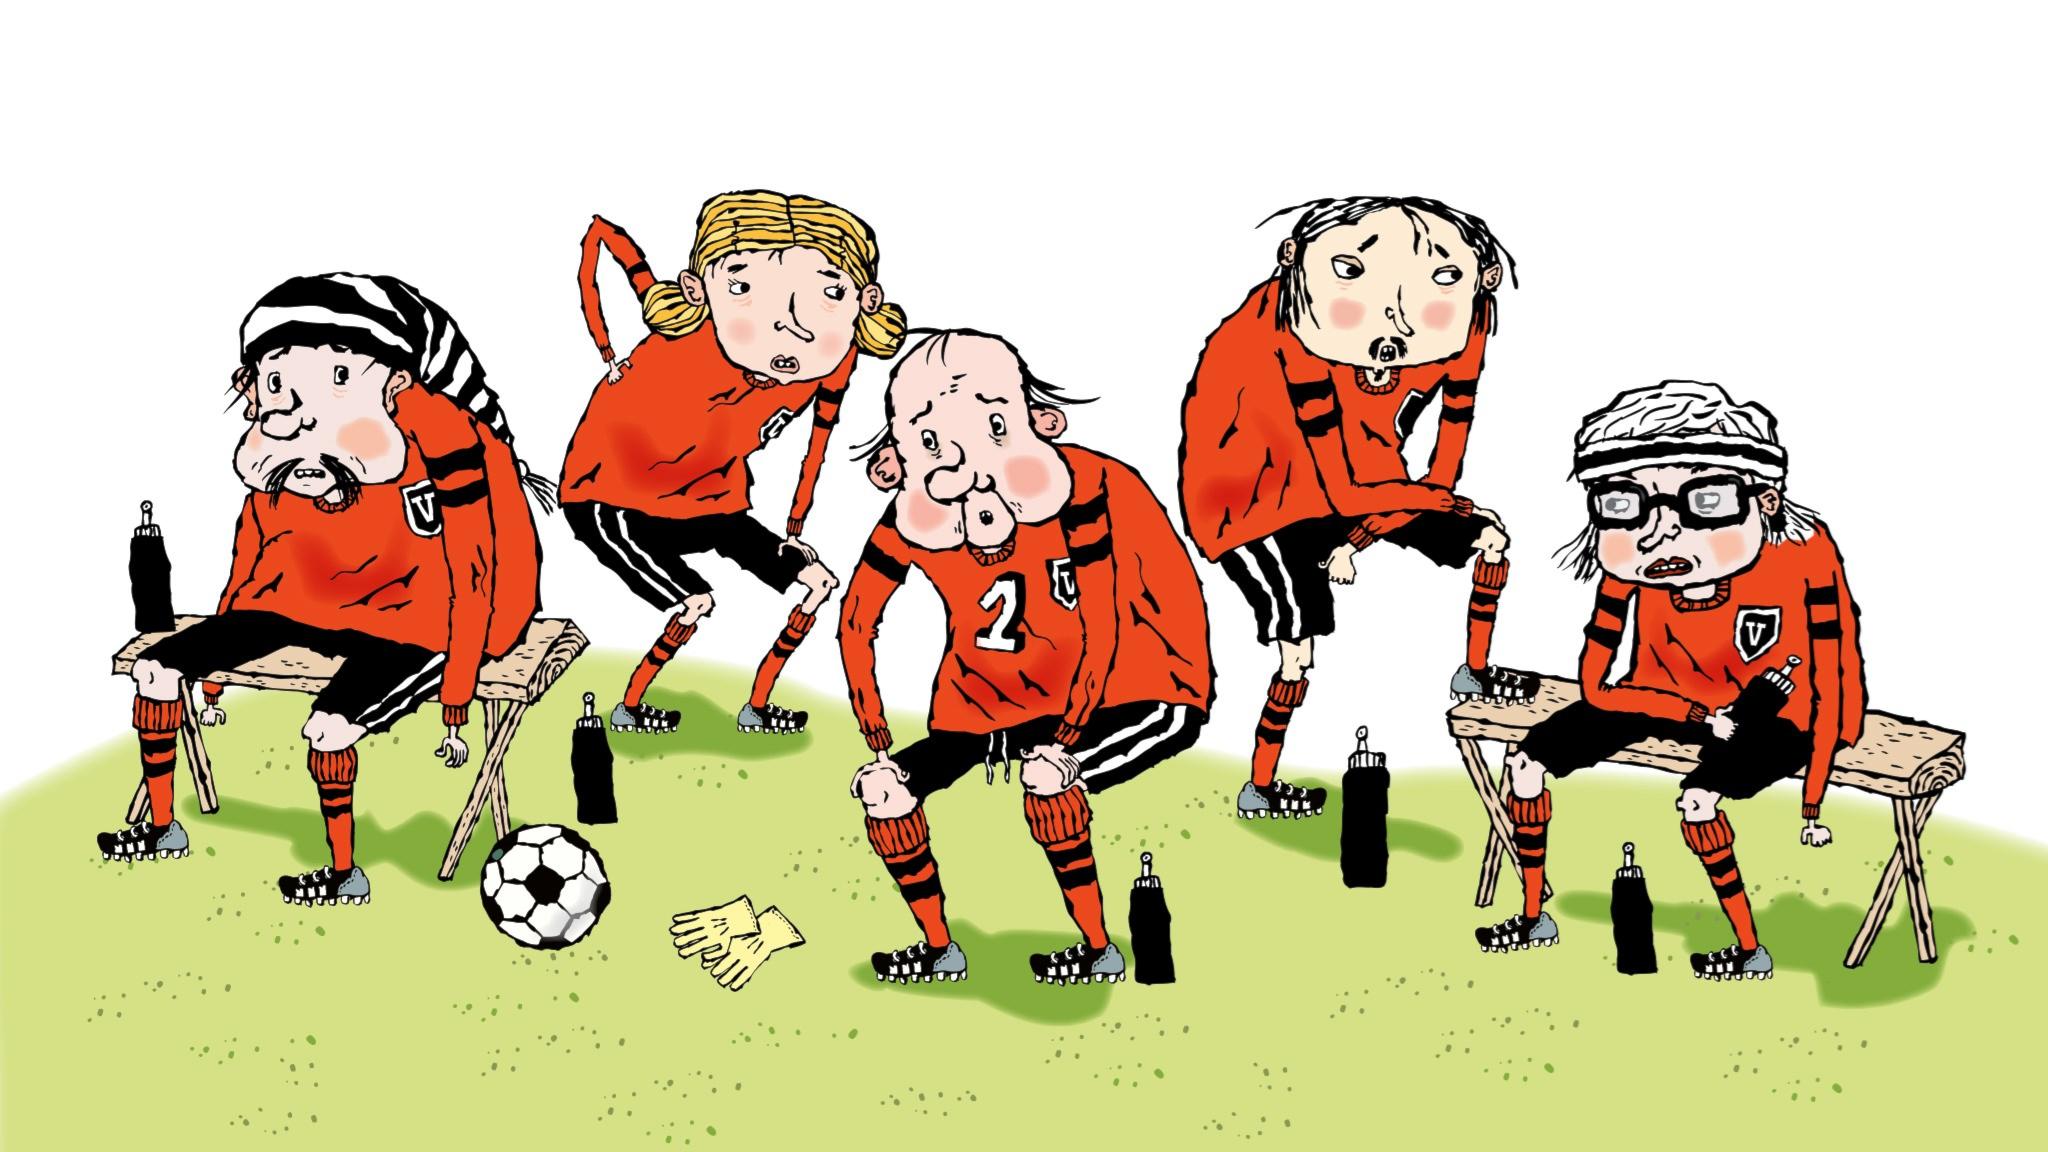 Fotbollsmysteriet av Martin Widmark, avsnitt 2. Illustration: Helena Willis.